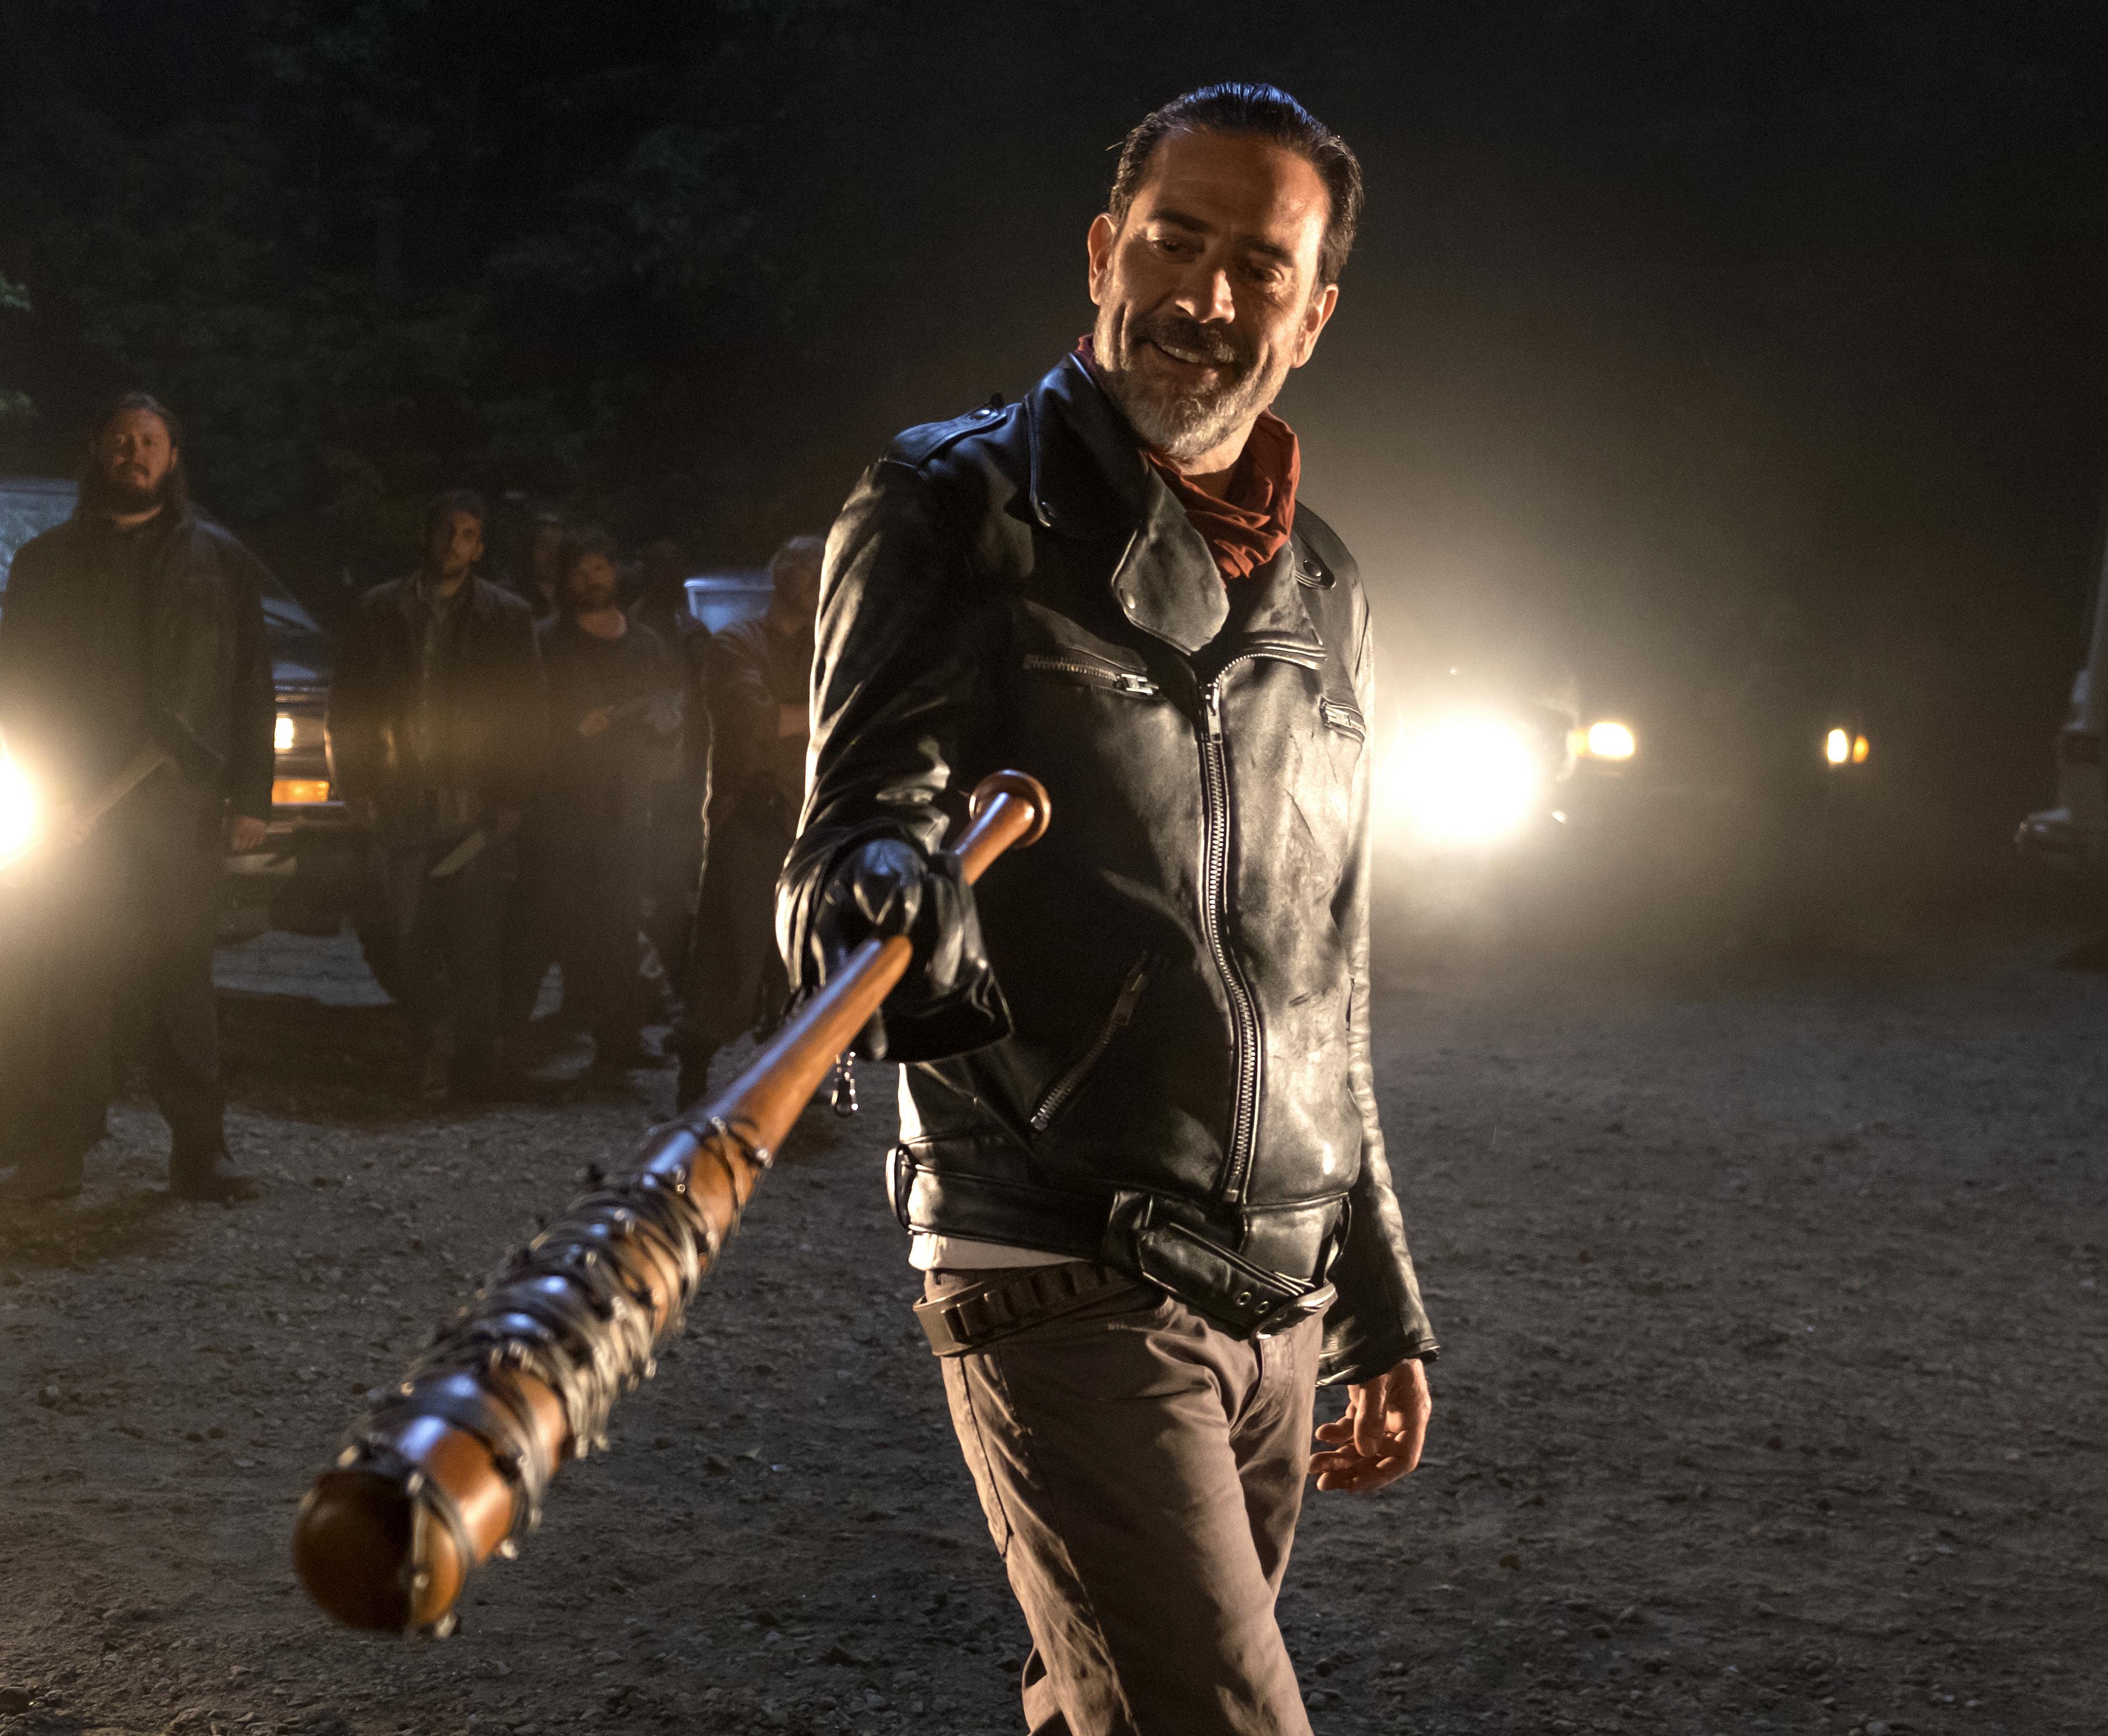 Jeffrey Dean Morgan as Negan in The Walking Dead, Season 7, Episode 1.